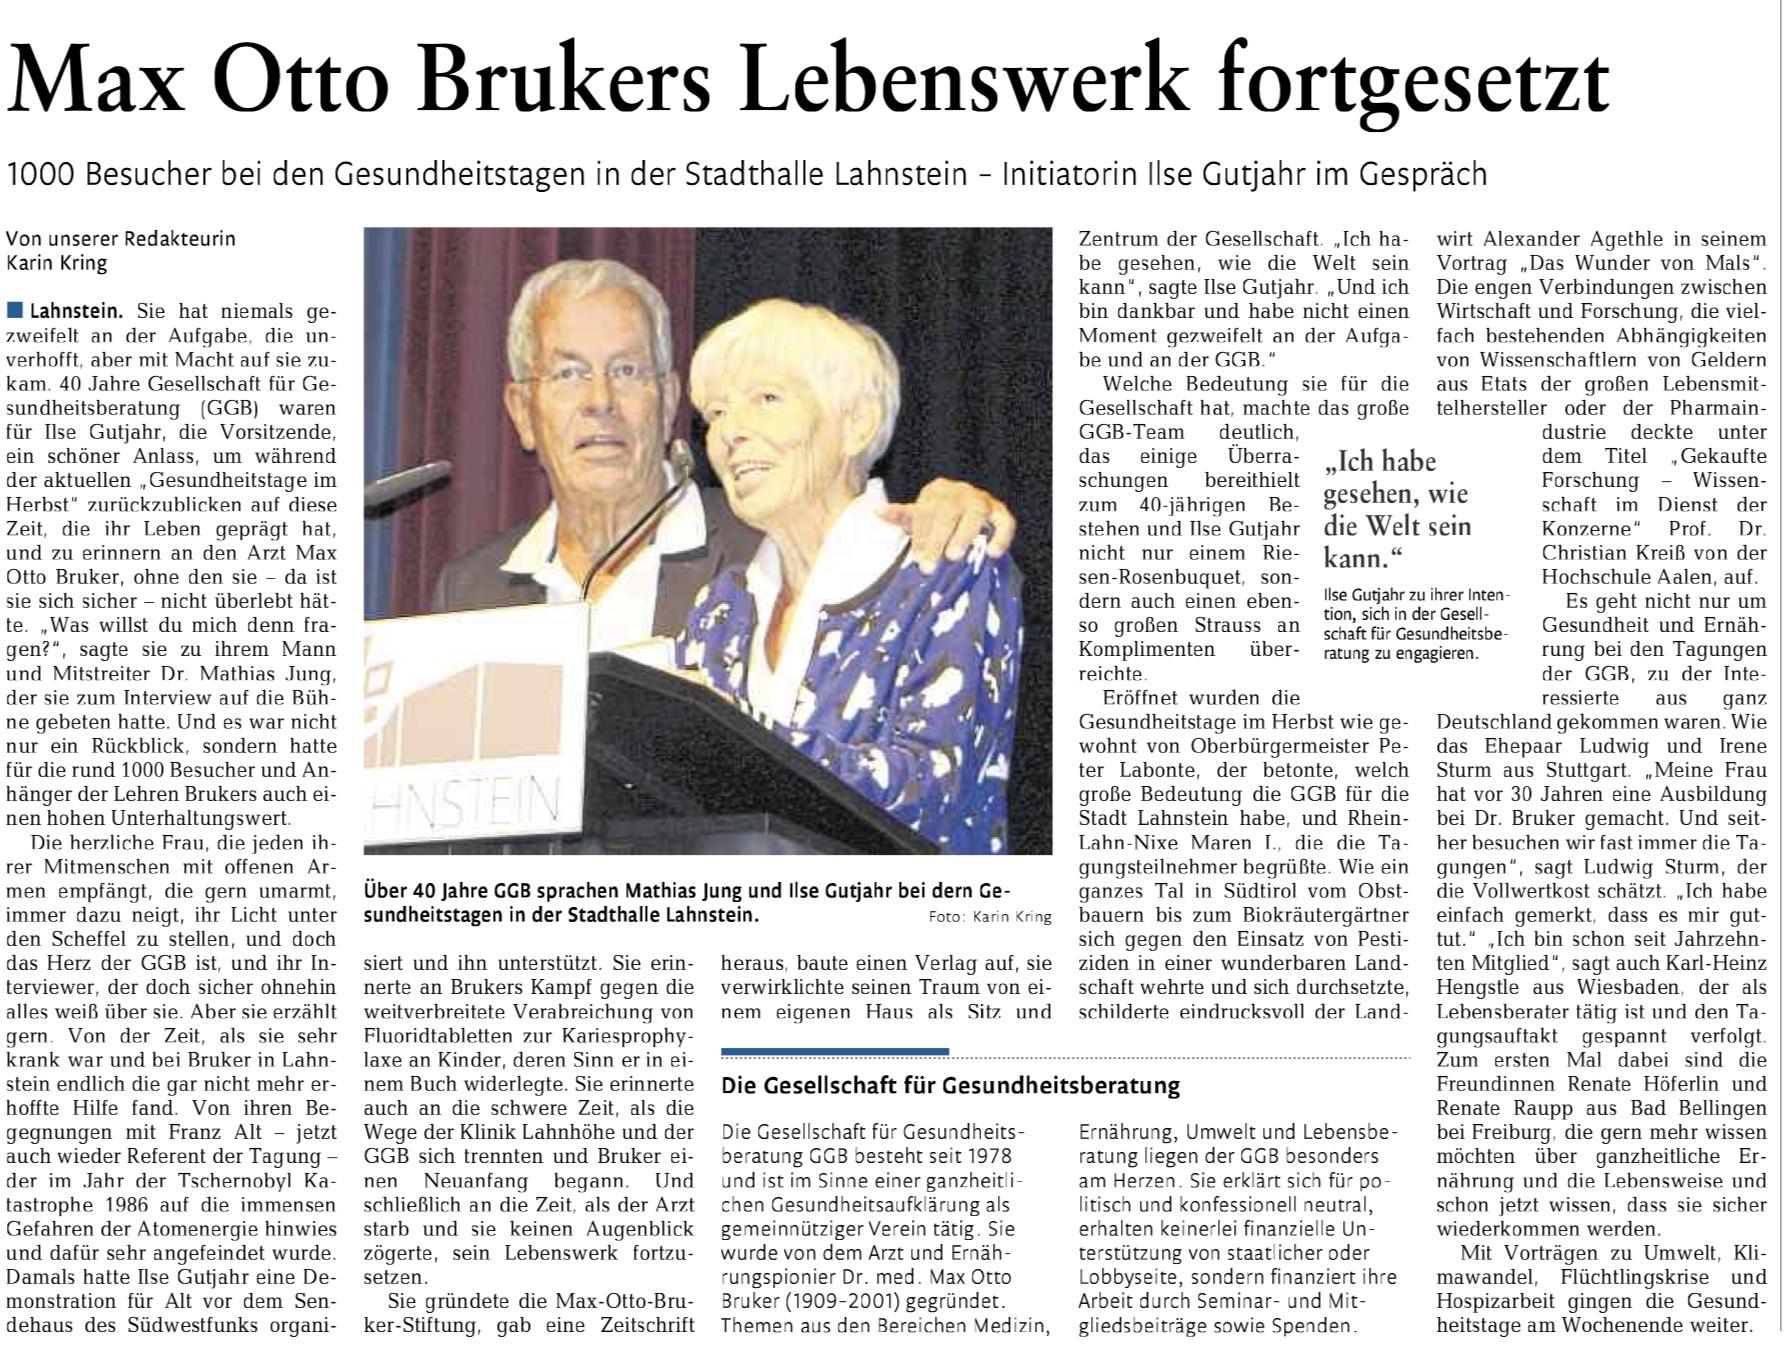 Max-Otto-Brukers-Lebenswerk-fortgesetzt-Rhein-Zeitung-vom-30-10-2018